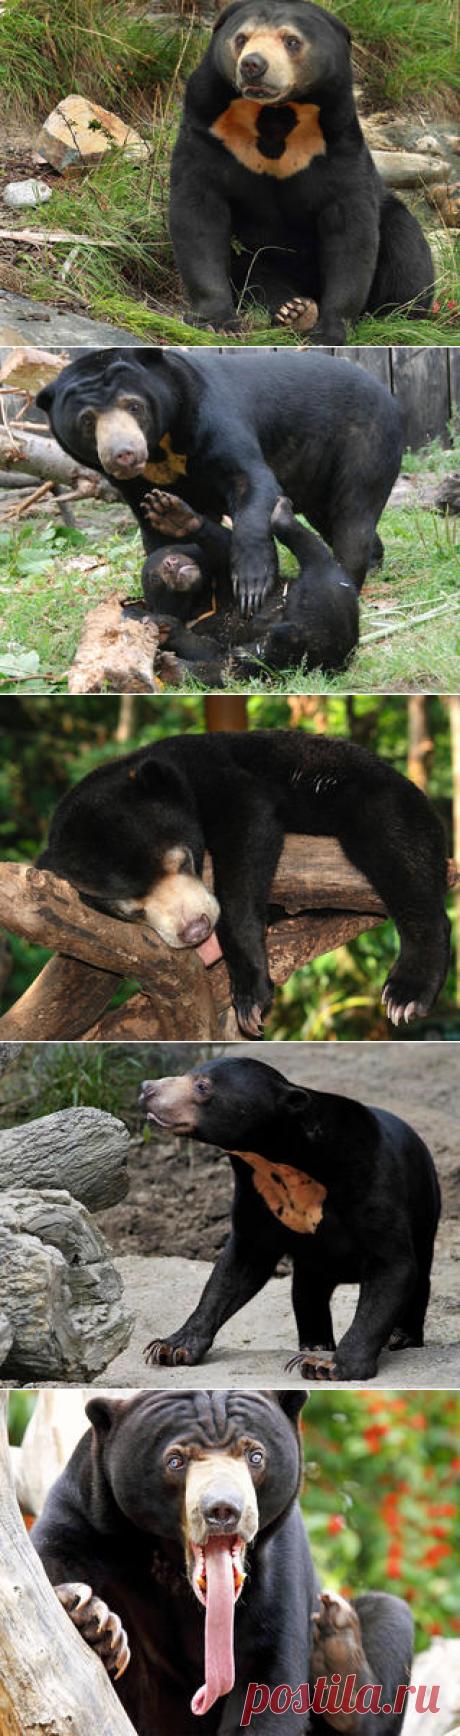 Смотреть изображения малайских медведей | Зооляндия